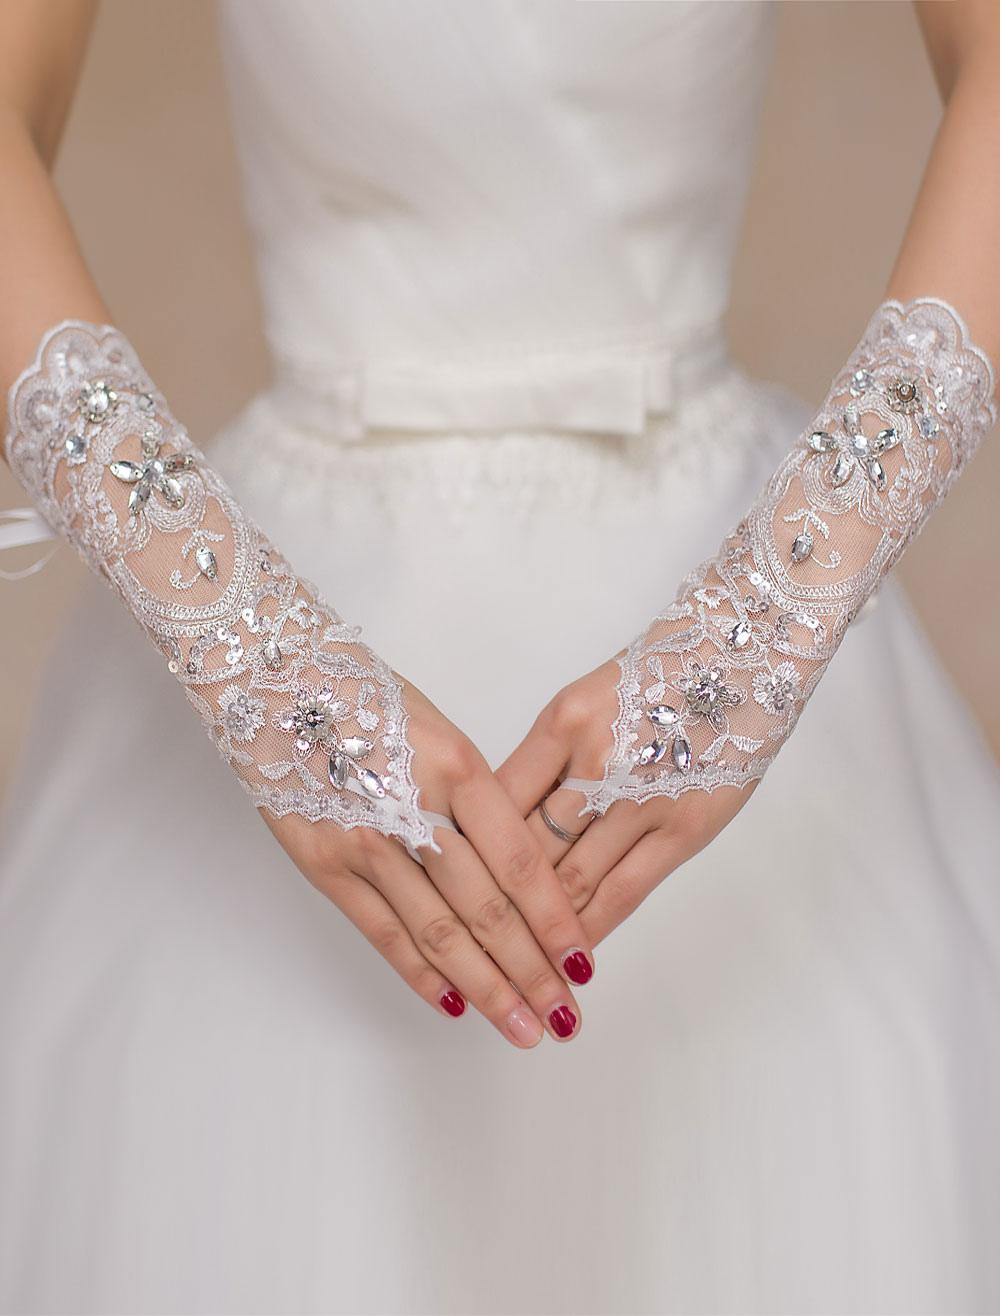 Ivory Lace Rhinestone Wedding Gloves